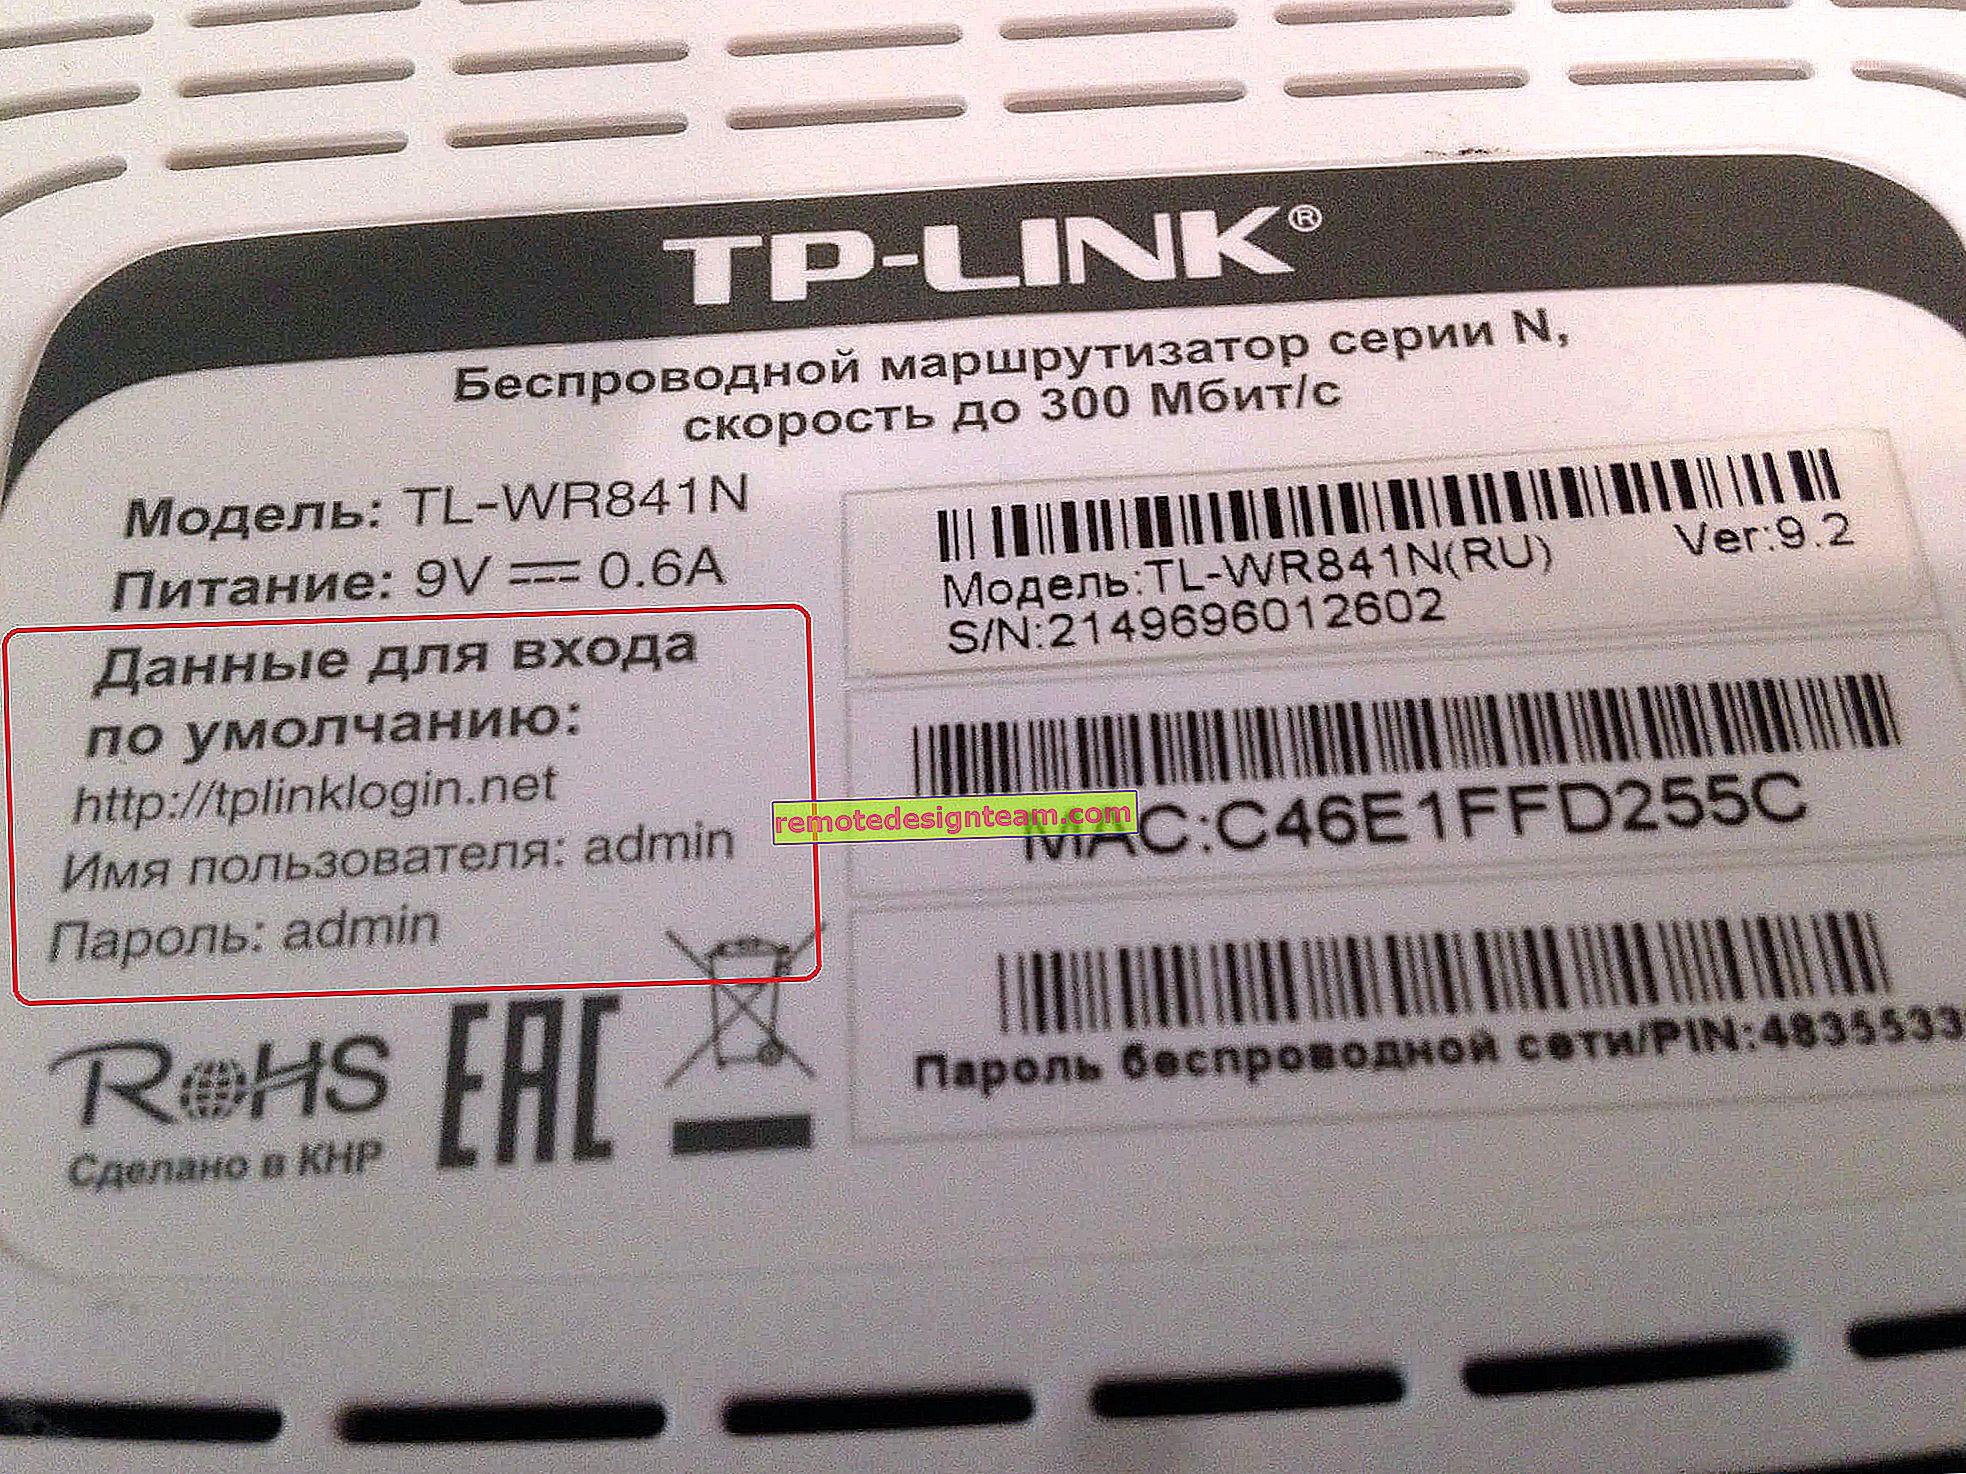 Setelah mengatur ulang router, login / kata sandi pabrik (TP-Link) tidak cocok